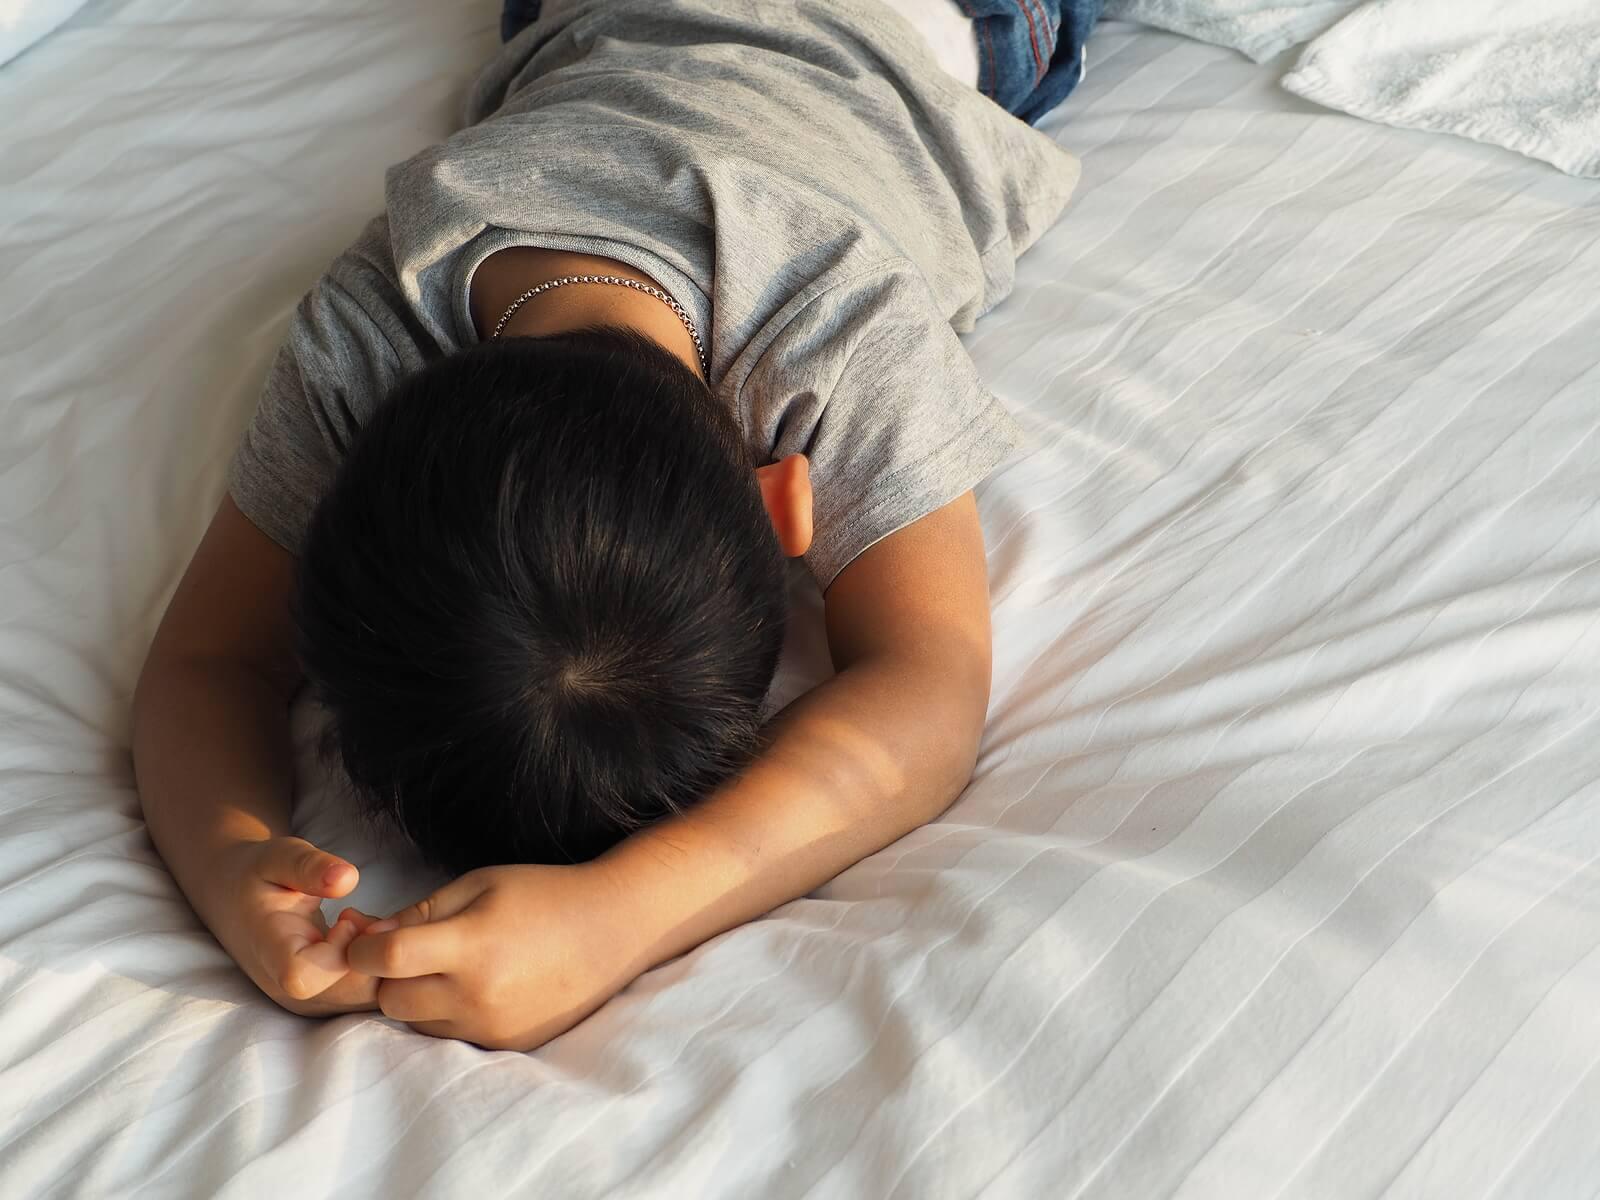 Niño con problemas de autorregulación tumbado en la cama mientras sufre una rabieta.